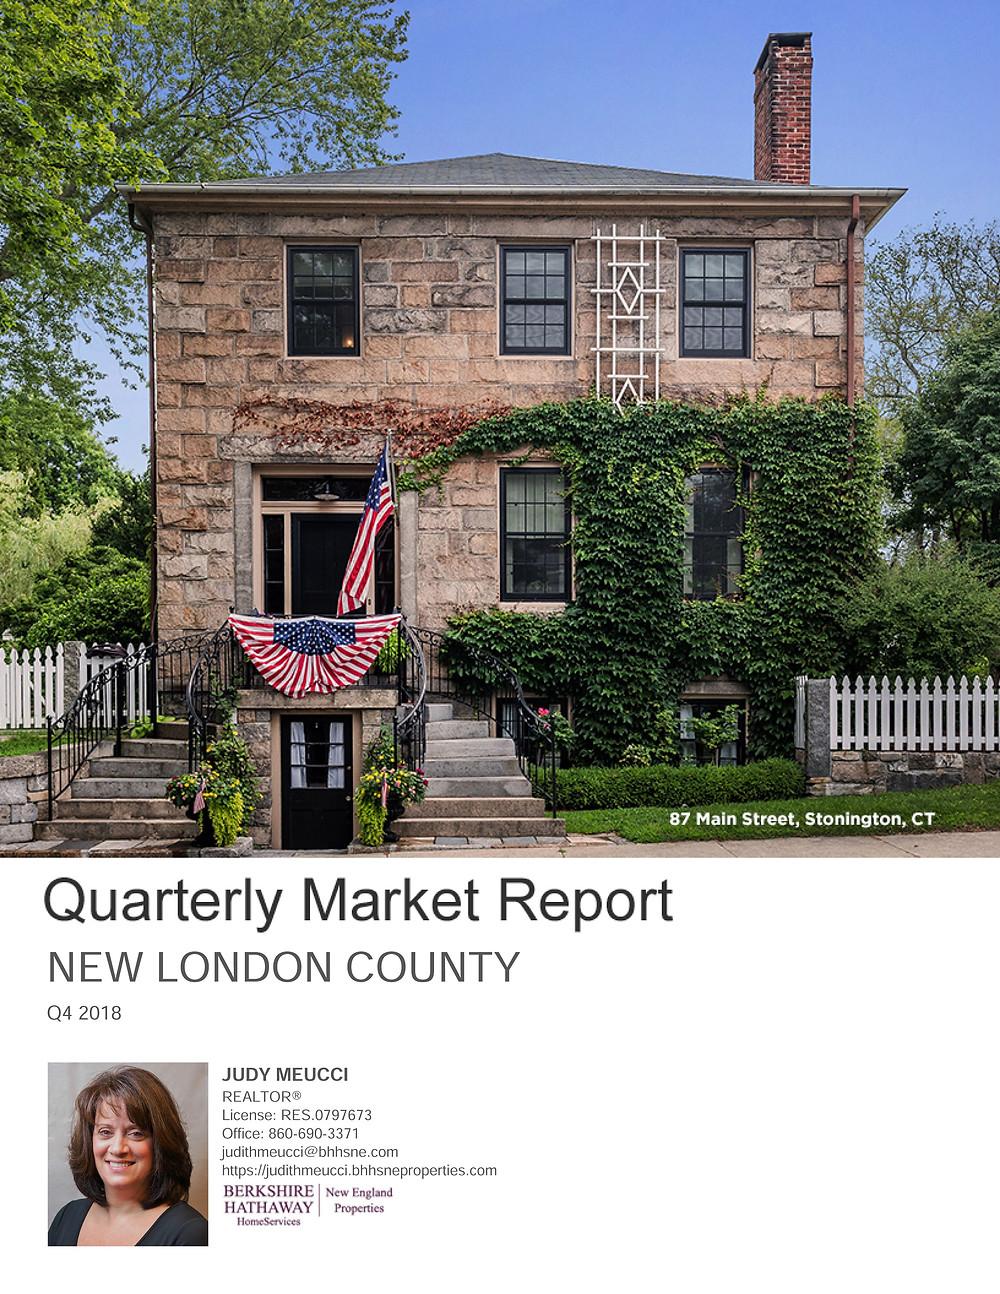 Q4 2018 Market Report - Judy Meucci Realtor